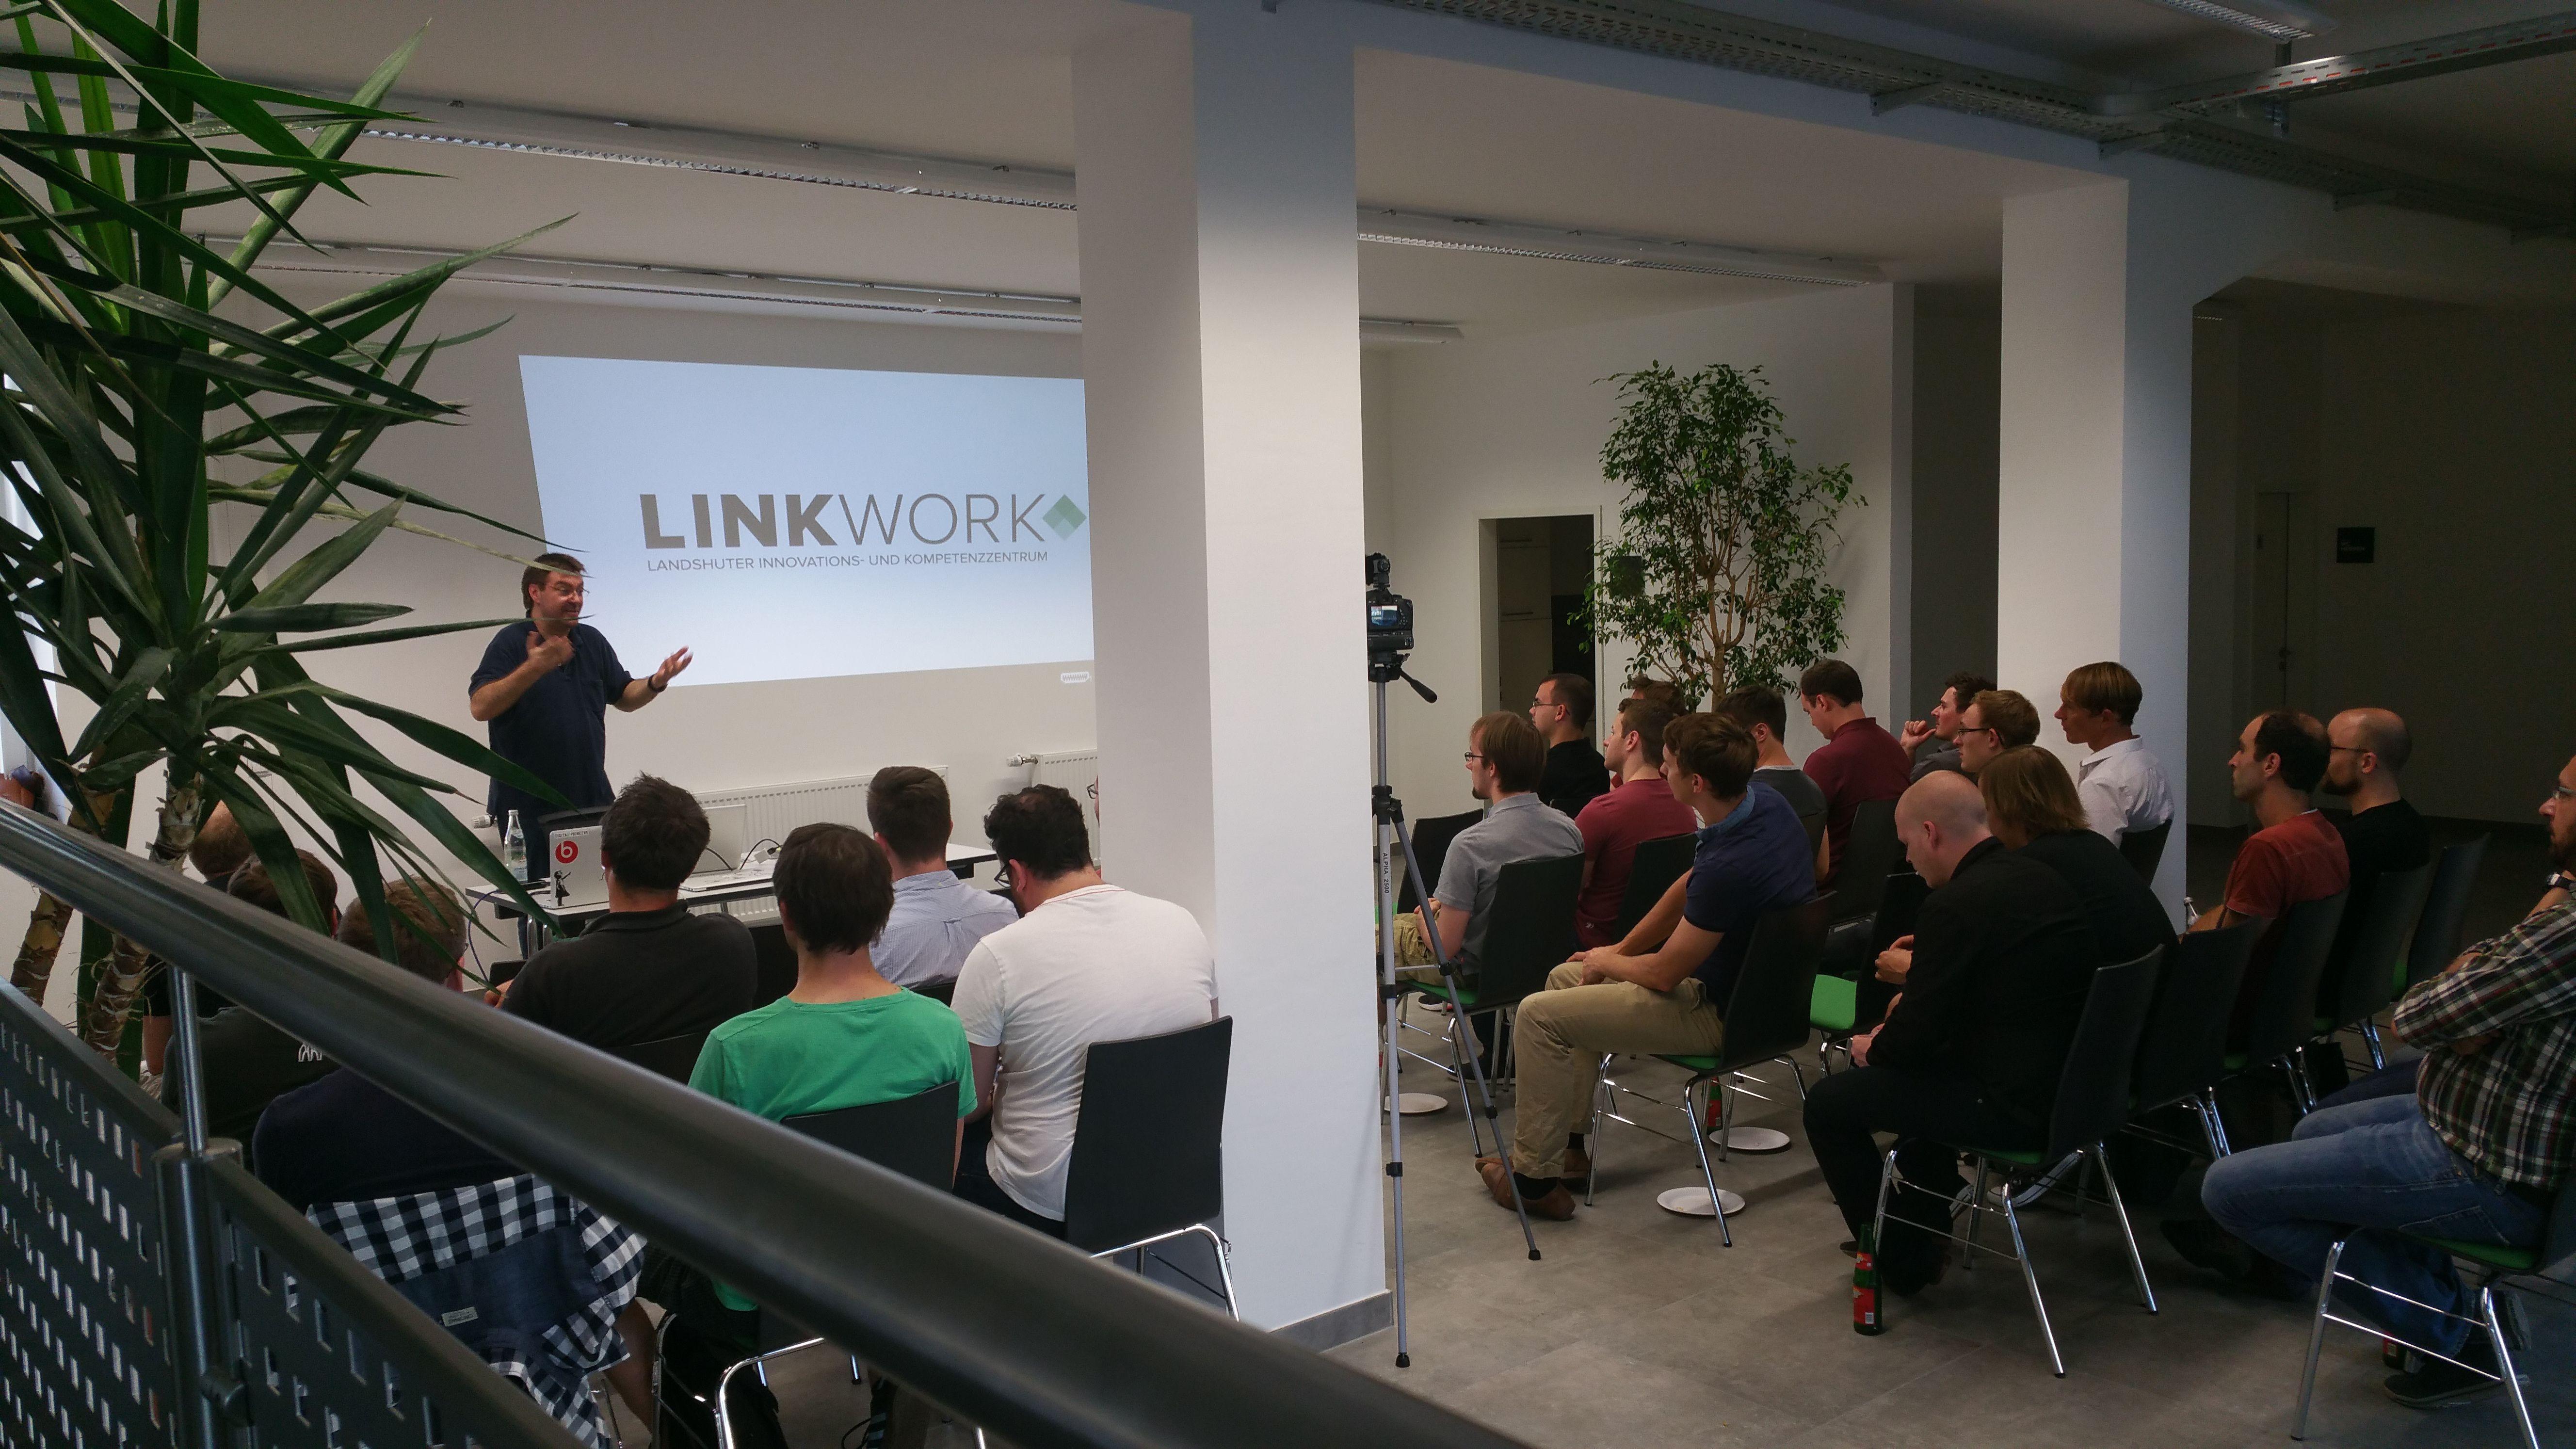 LINK-Das Gründerzentrum Landshut